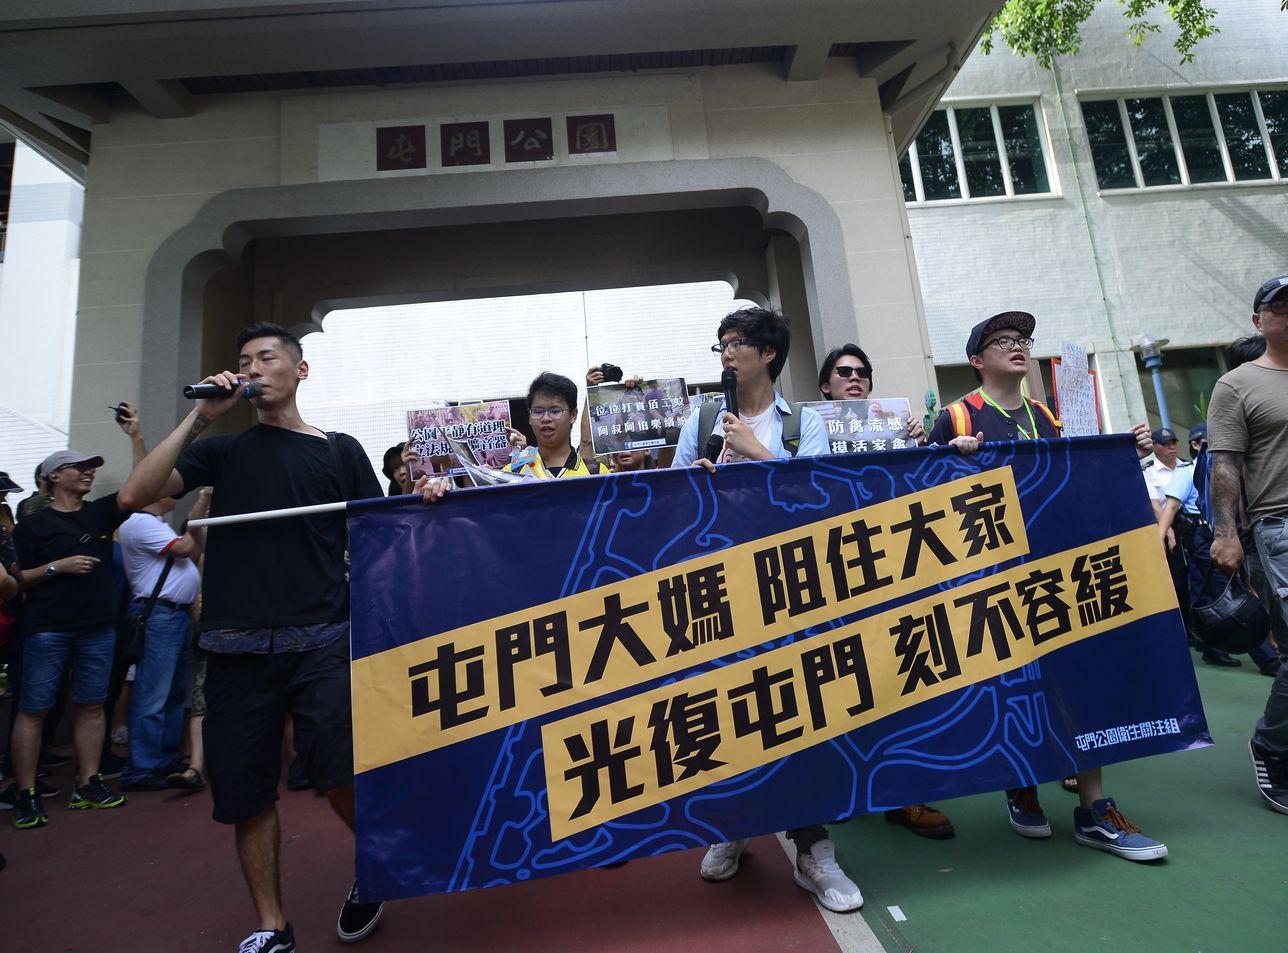 關注組於7月初曾發起「光復屯門公園」遊行。資料圖片